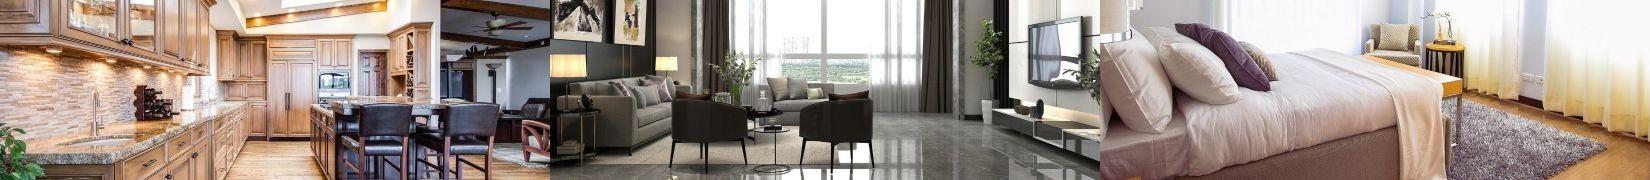 Dowiedz się jakie dywany pasują do jakich pomieszczeń